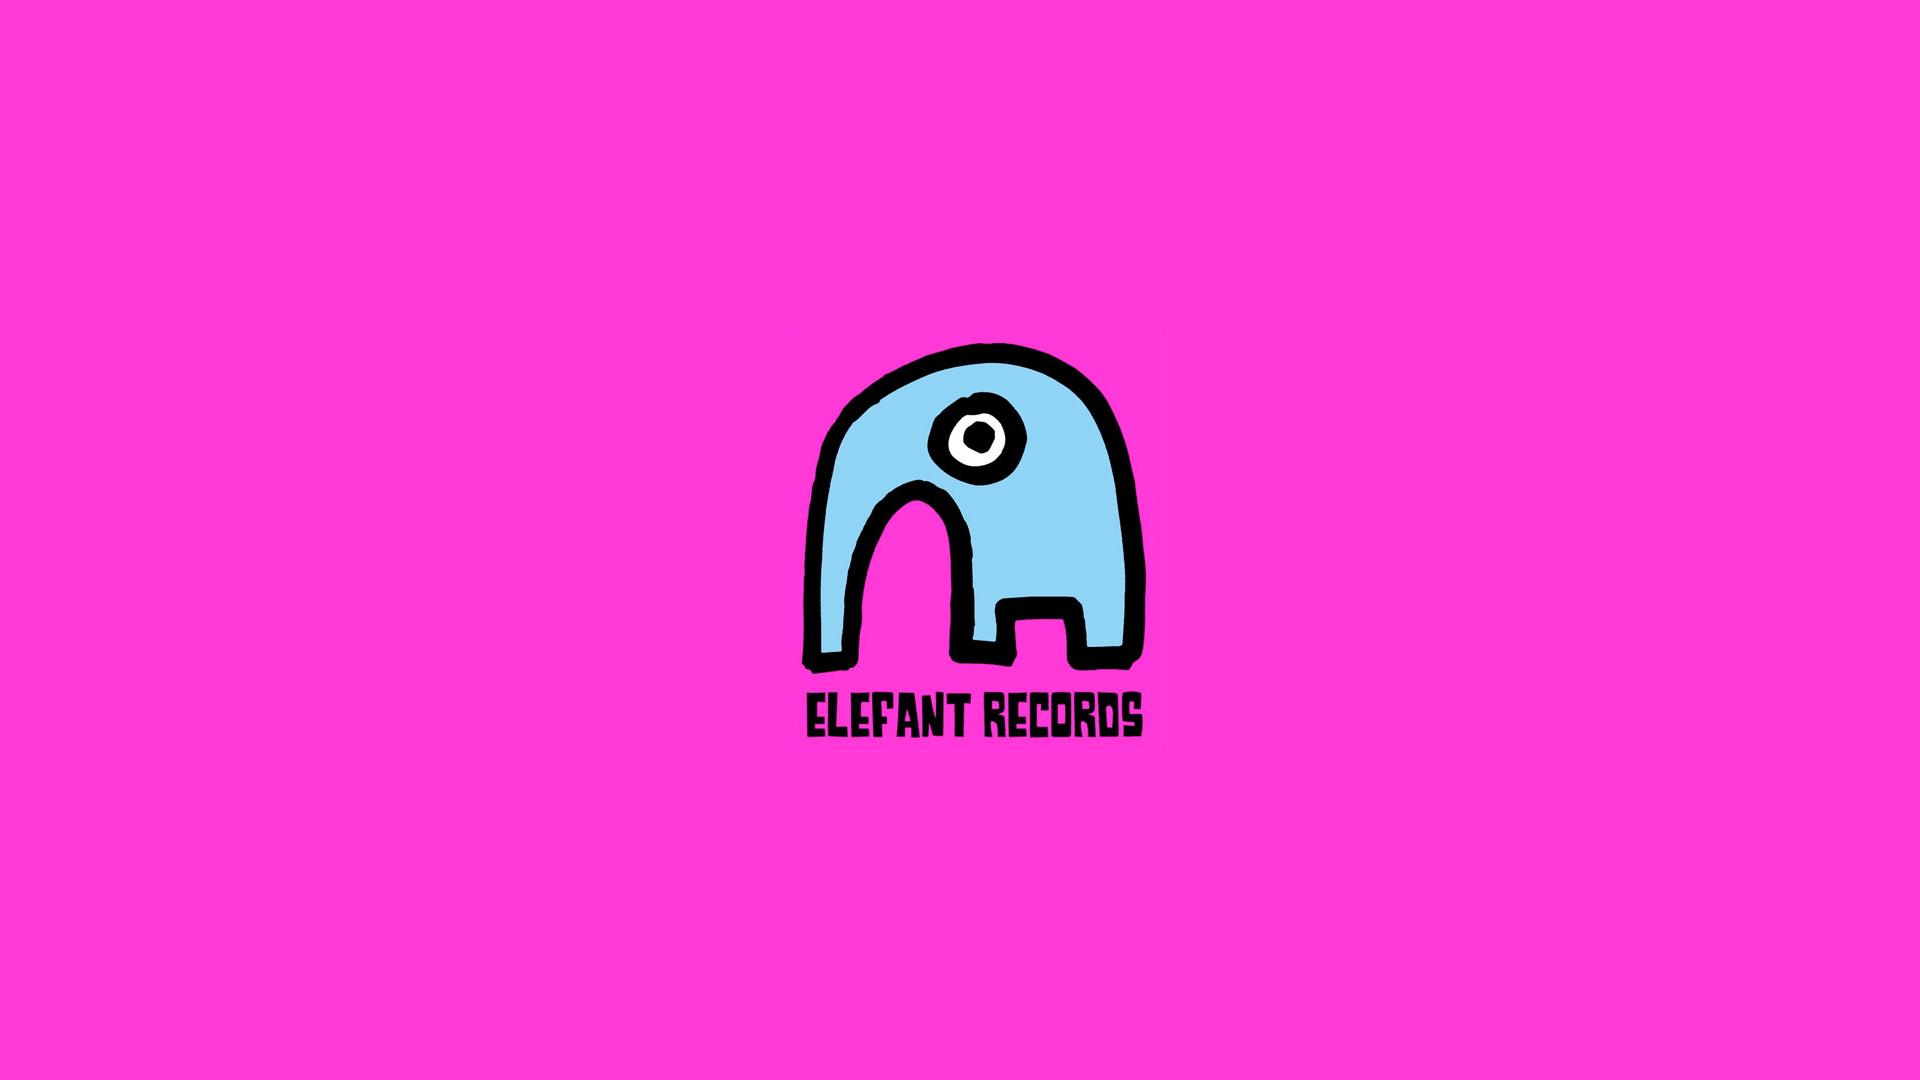 Elefant Records, web hecha por murciegalo en 2000